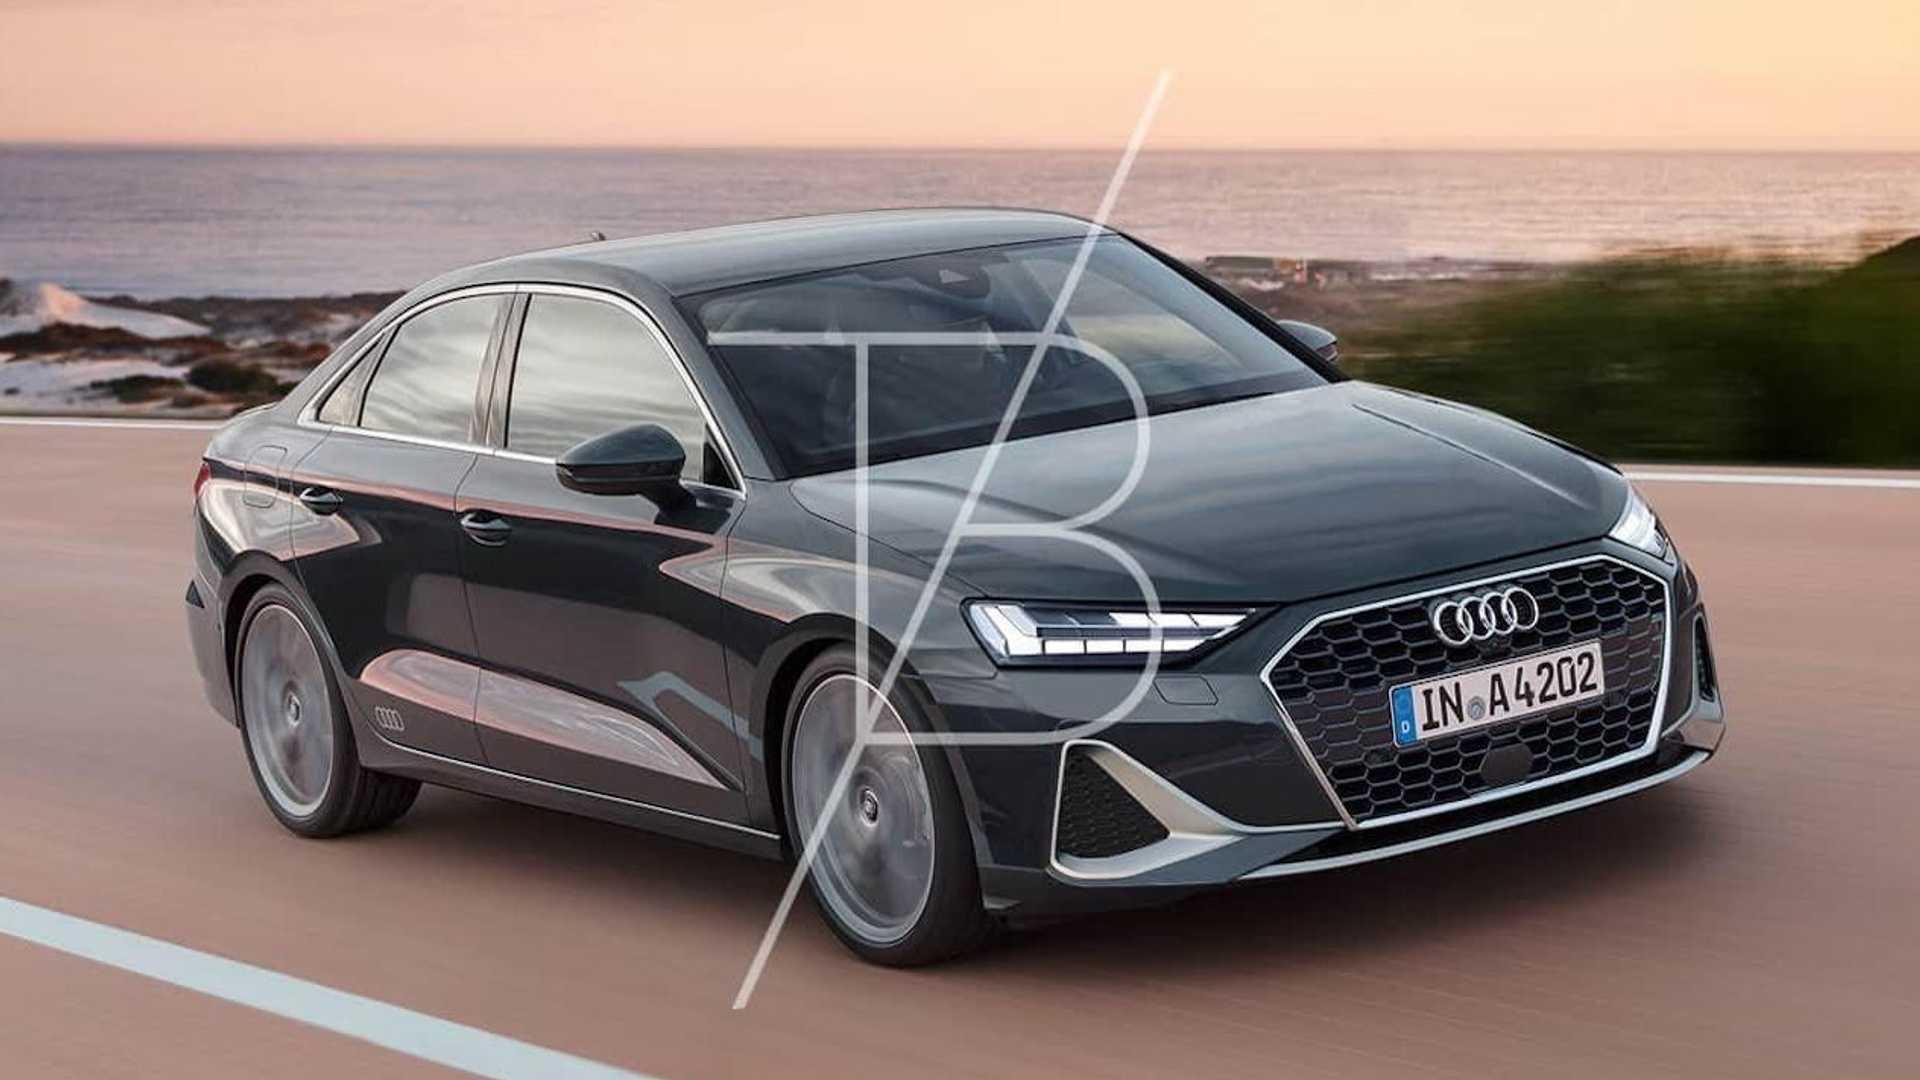 5 Audi A5 Has A Perfect Design Update